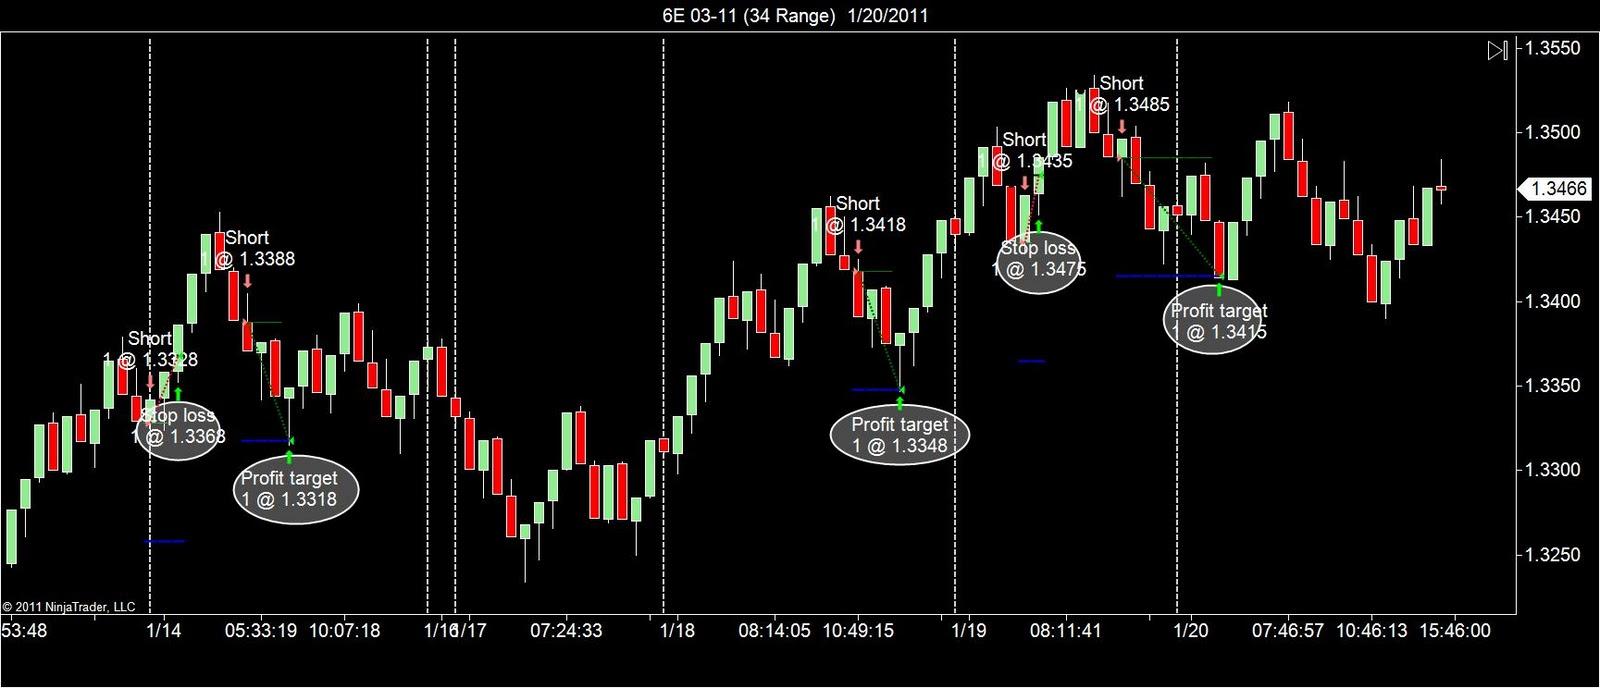 euro auto trading evaluarea proiectului folosind metoda opțiunilor reale